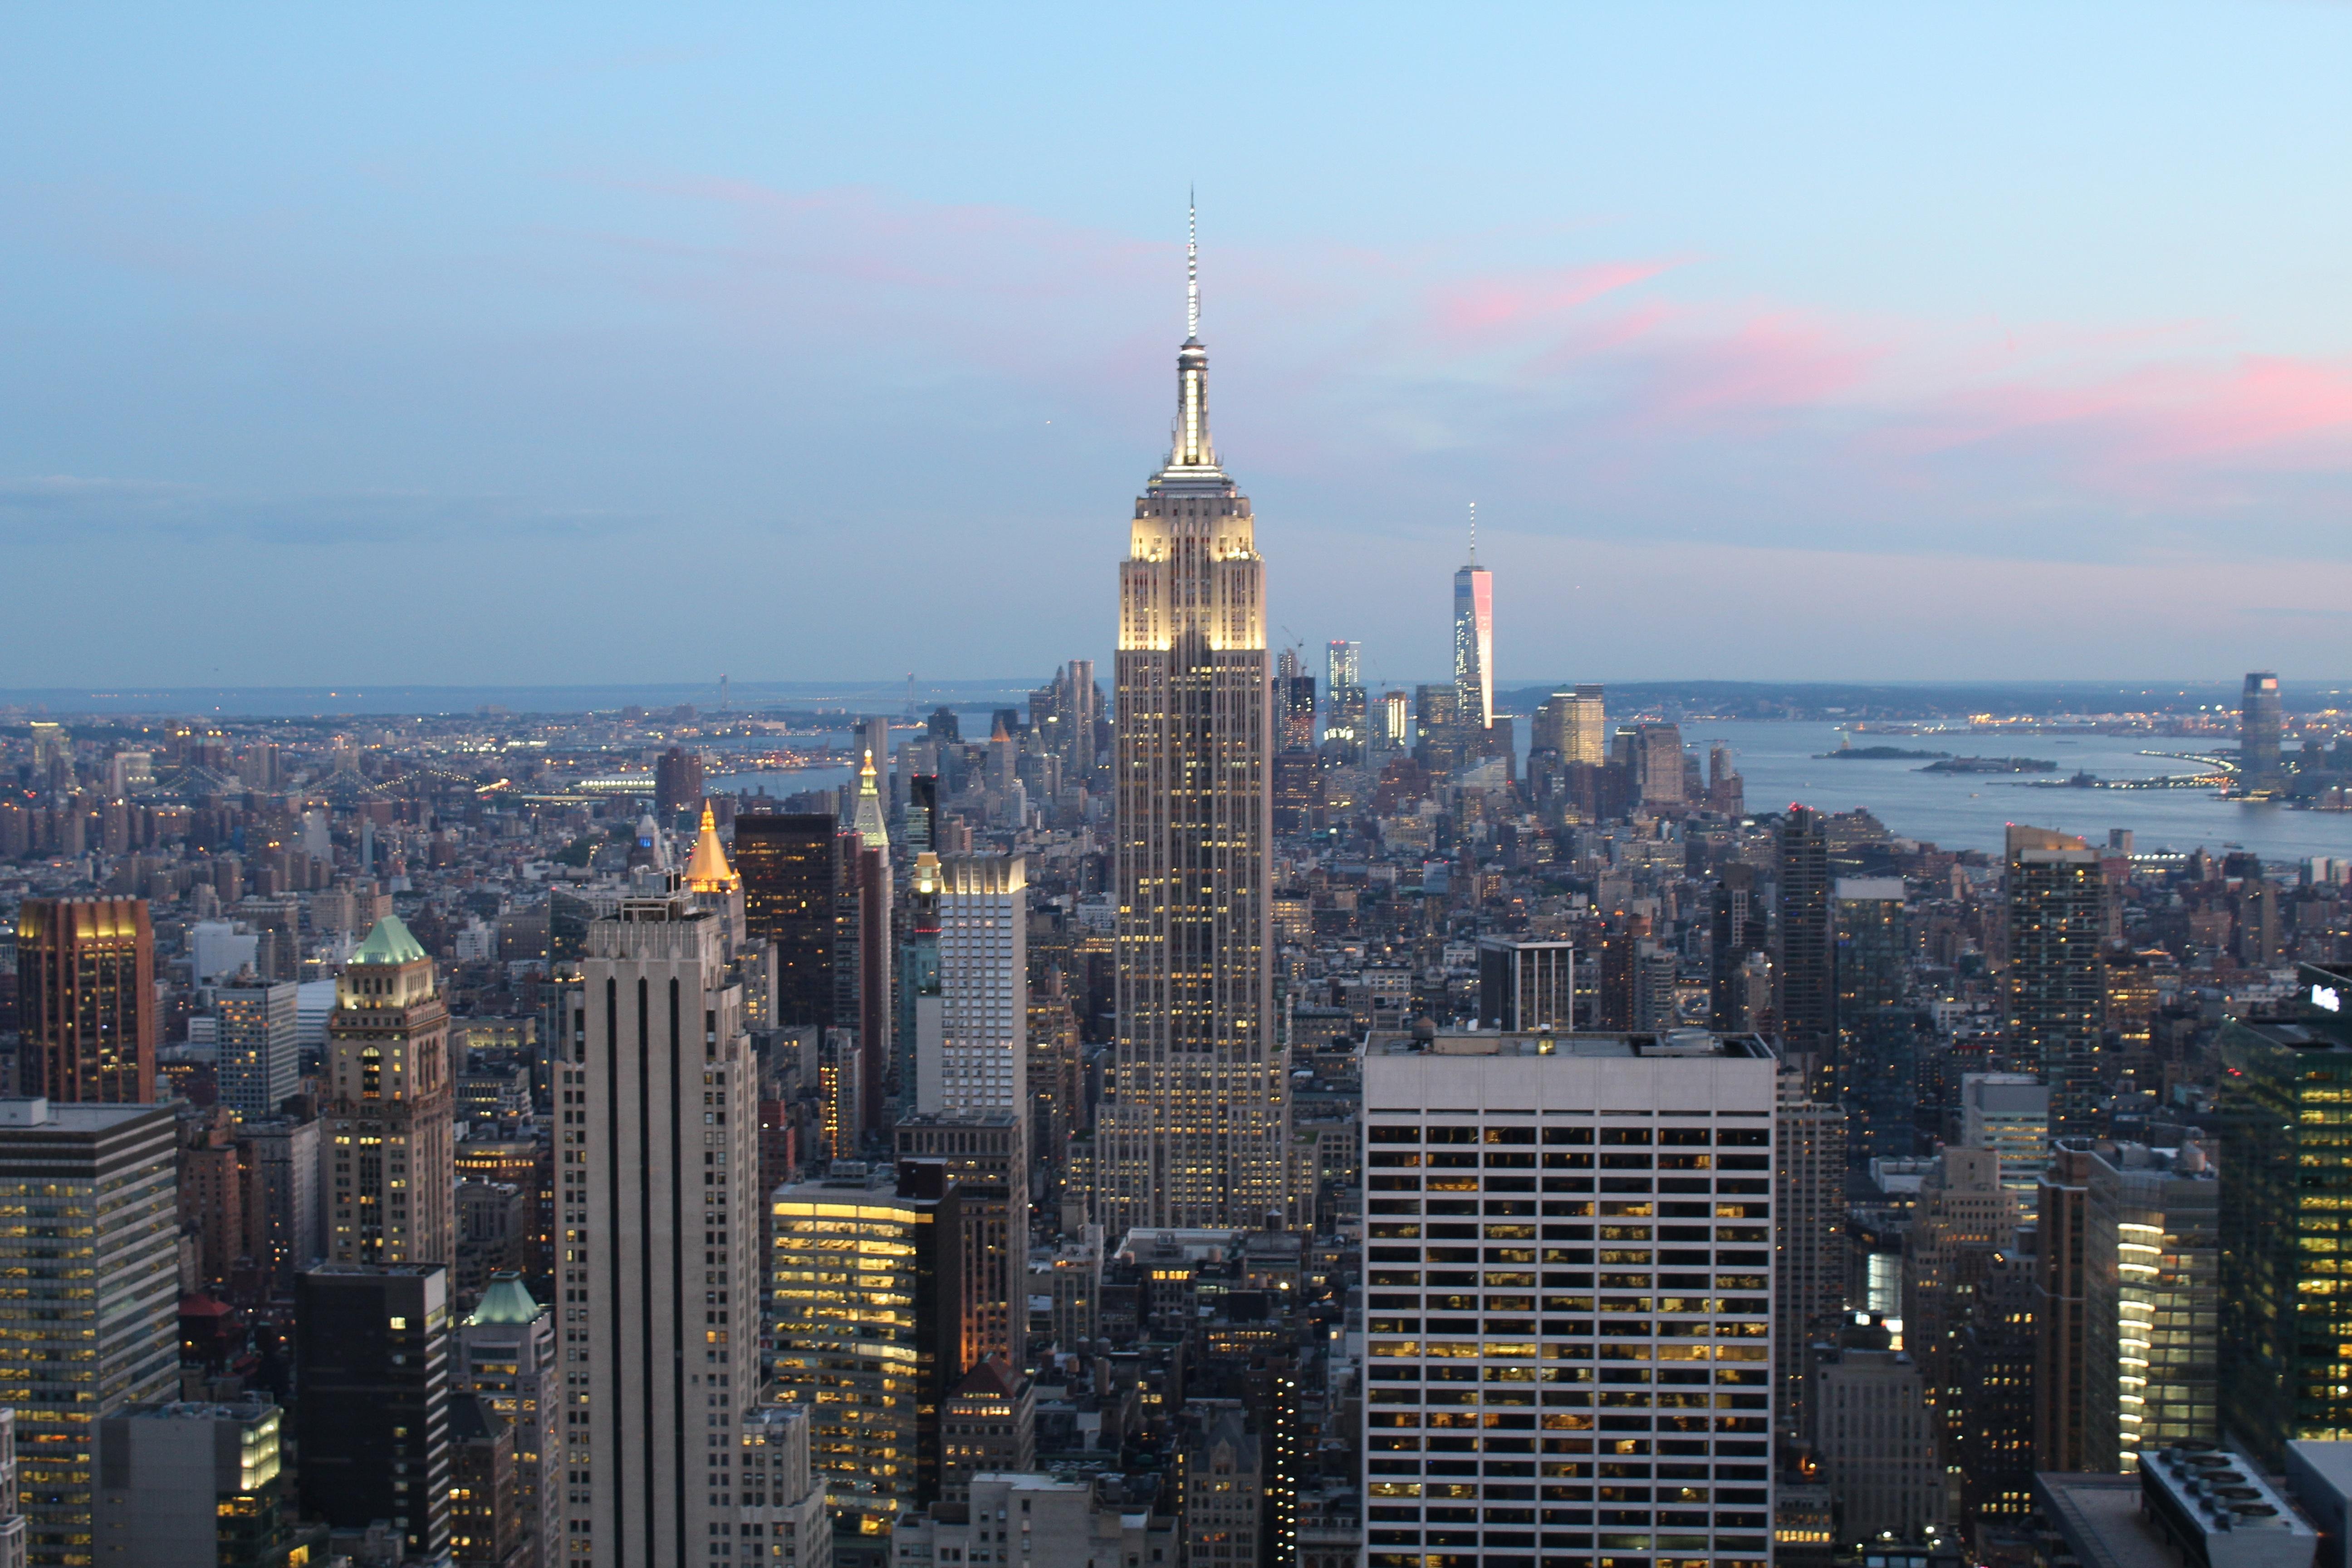 fotos gratis horizonte rascacielos nueva york paisaje urbano centro de la ciudad oscuridad noche torre punto de referencia edificio empire state